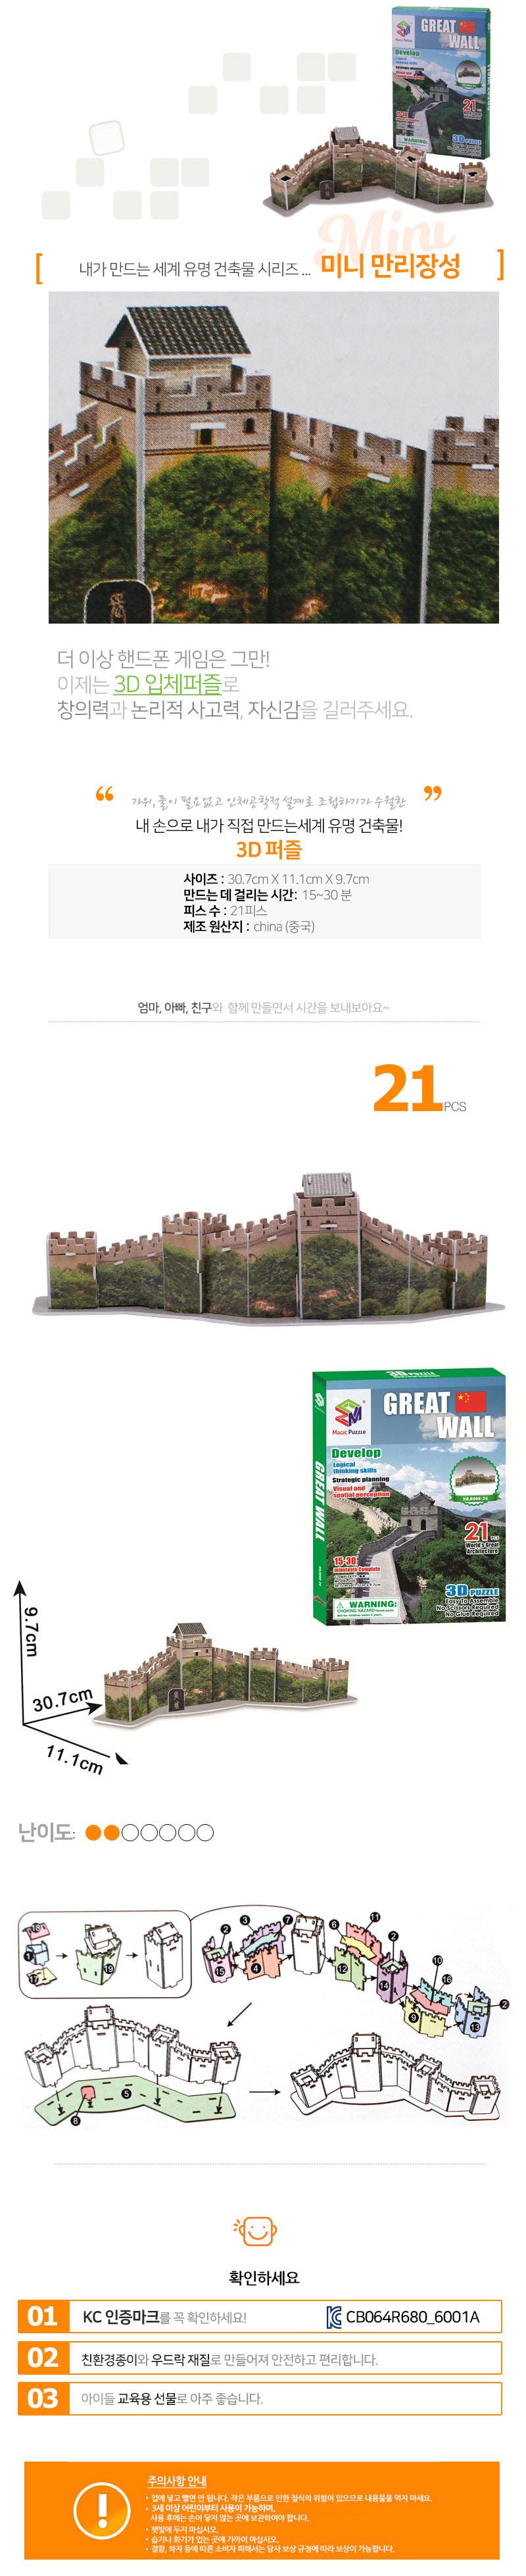 (초급) 만리장성(21pcs) 내가 만드는 세계유명건축물 - 빅드림, 2,610원, 조각/퍼즐, 3D입체퍼즐